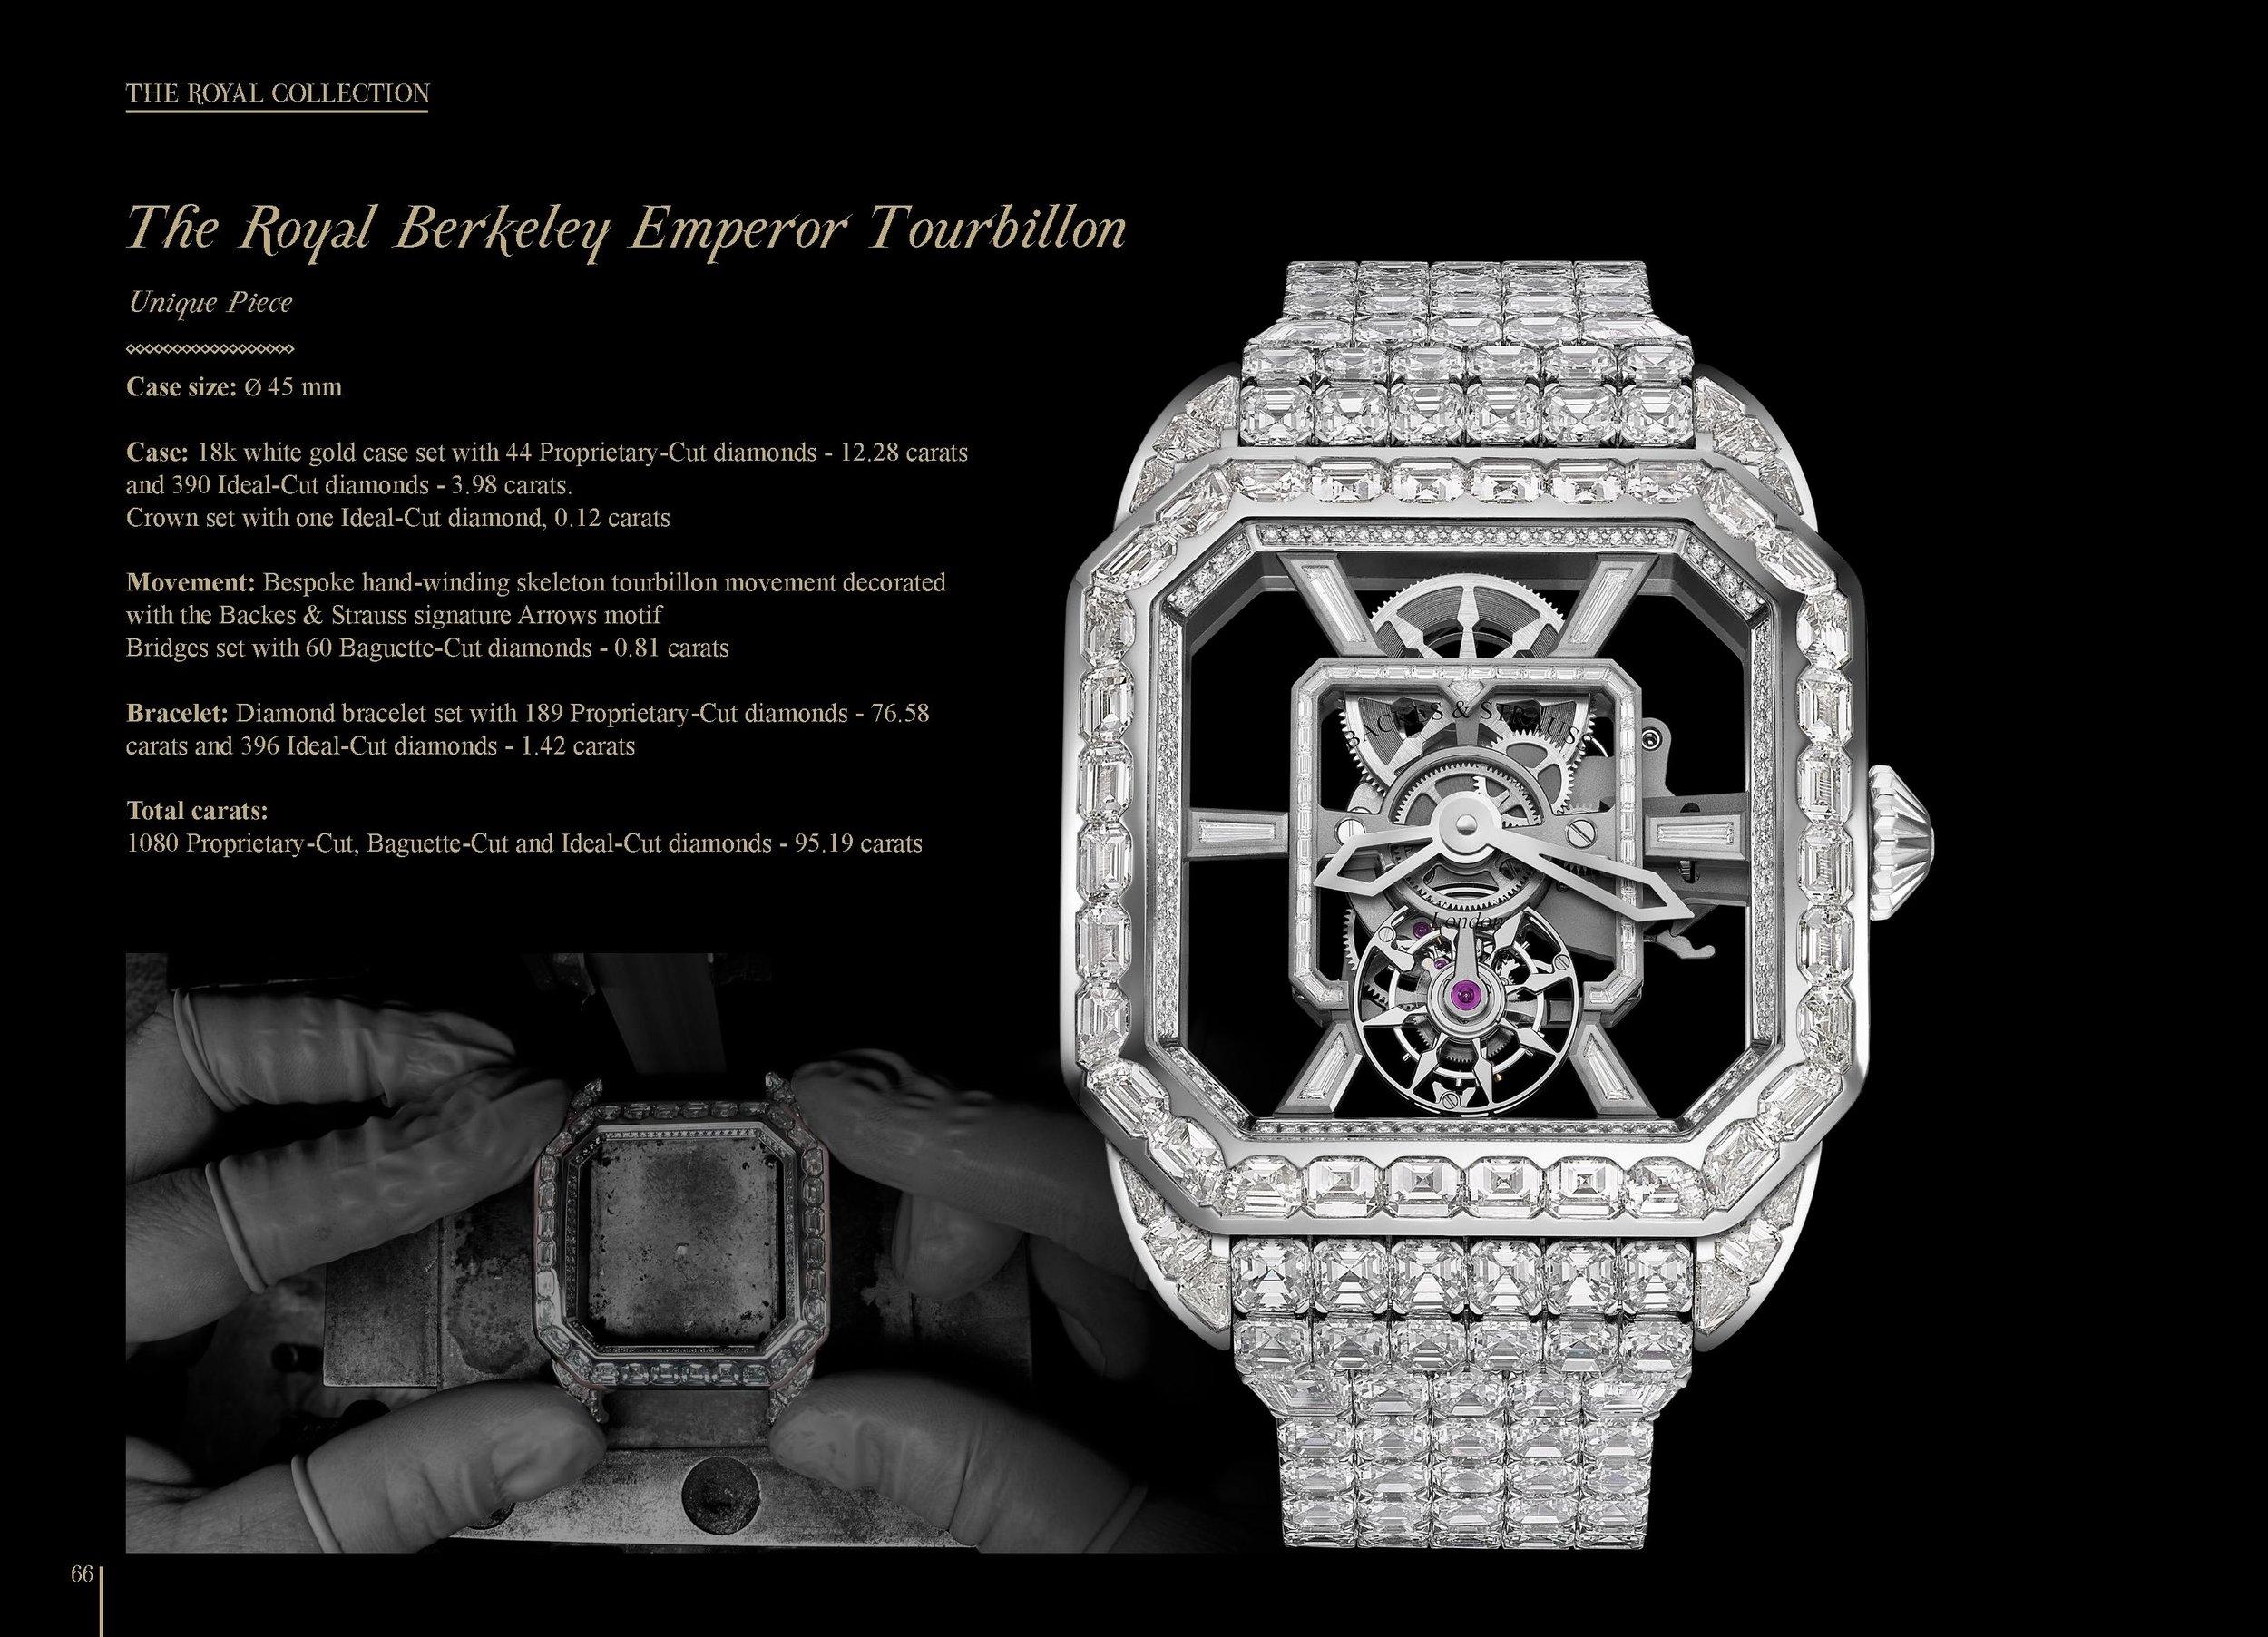 The Royal Berkeley Emperor Tourbillon 45 diamond encrusted watch